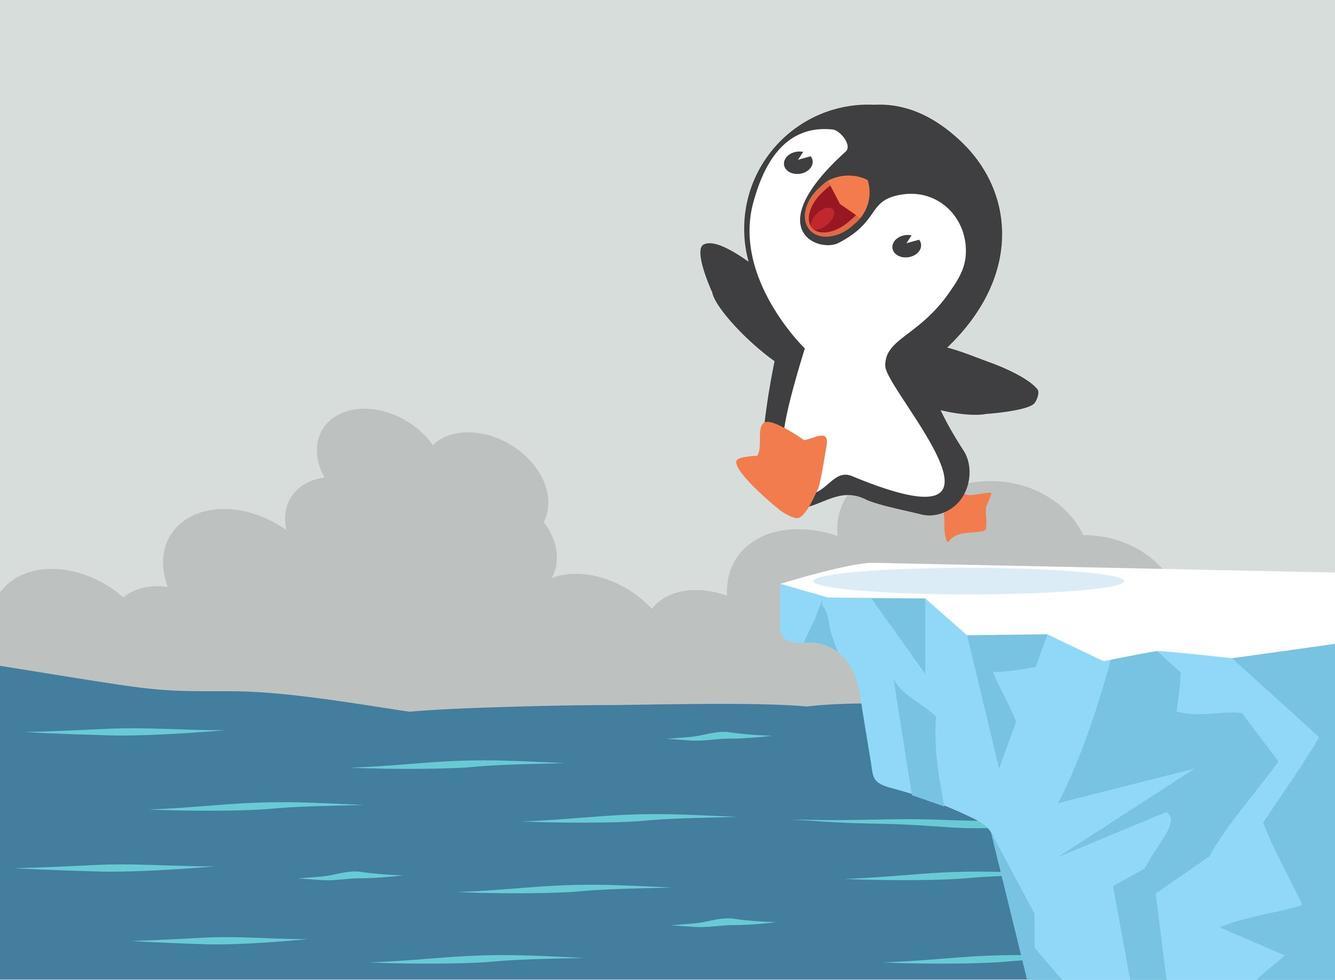 lindo pingüino saltando en el agua vector